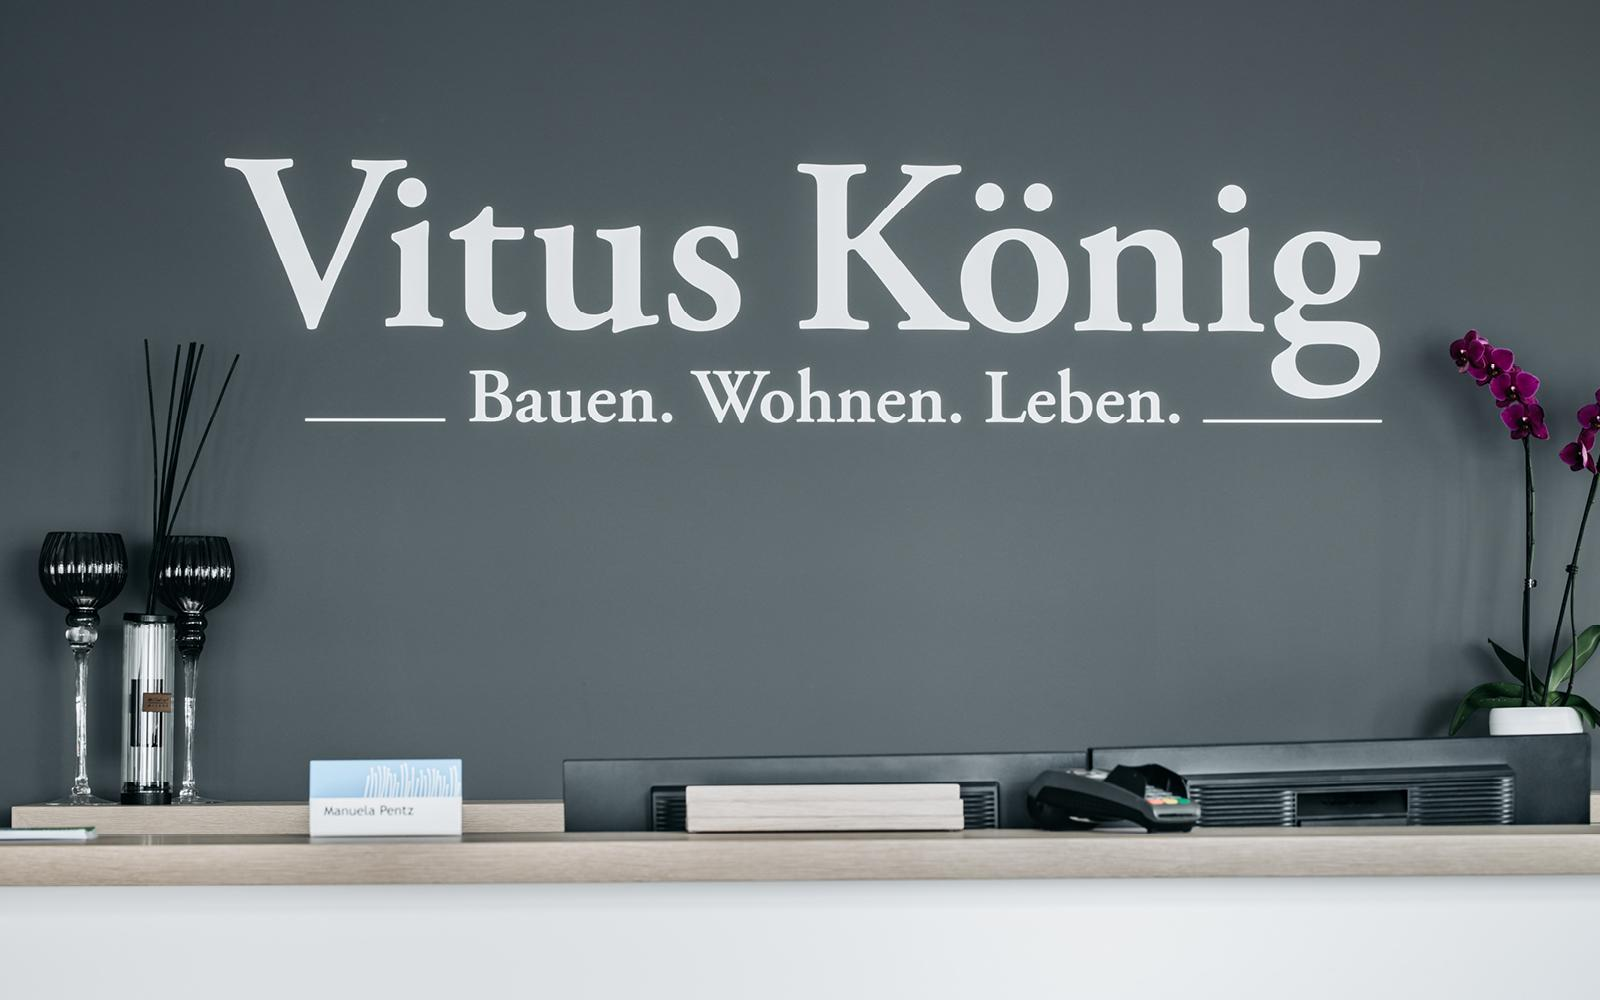 ausstellung | Vitus König | Aalen | (Ostalbkreis) - Badrenovierung ...